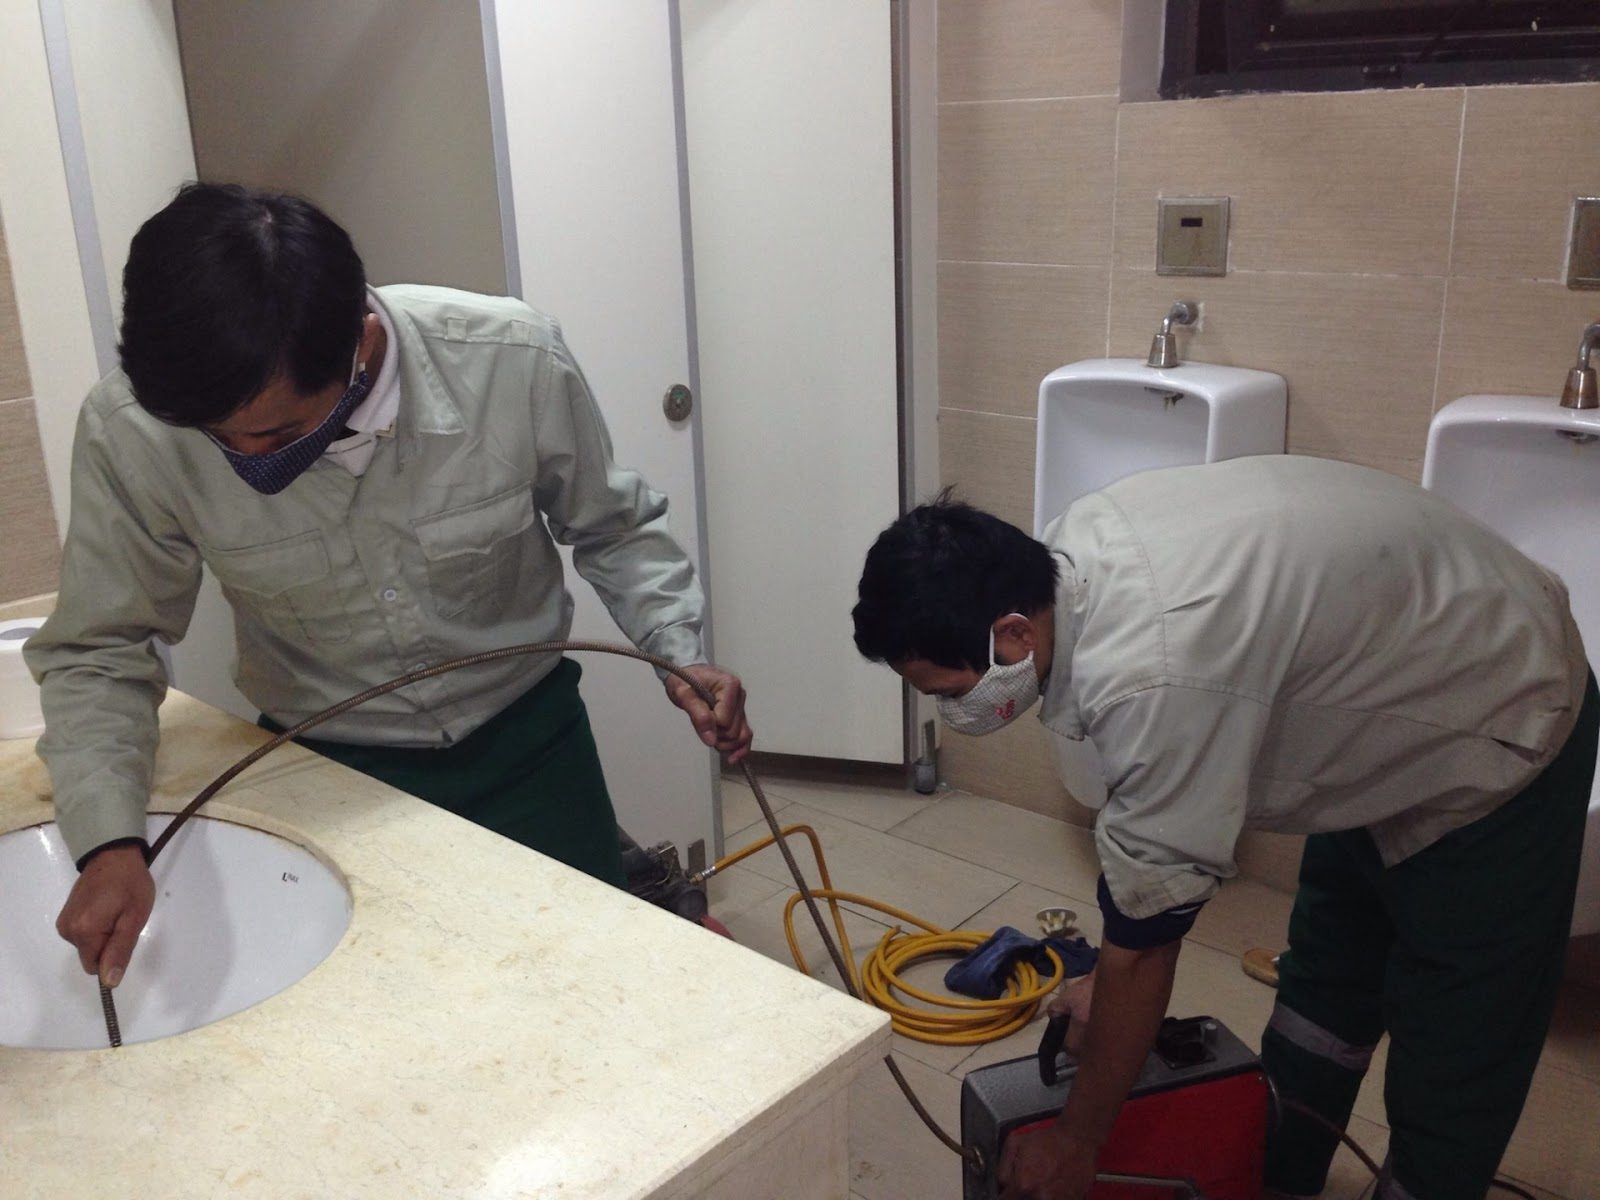 Nhân viên kỹ thuật đang xử lý thông nghẹt bồn rửa mặt